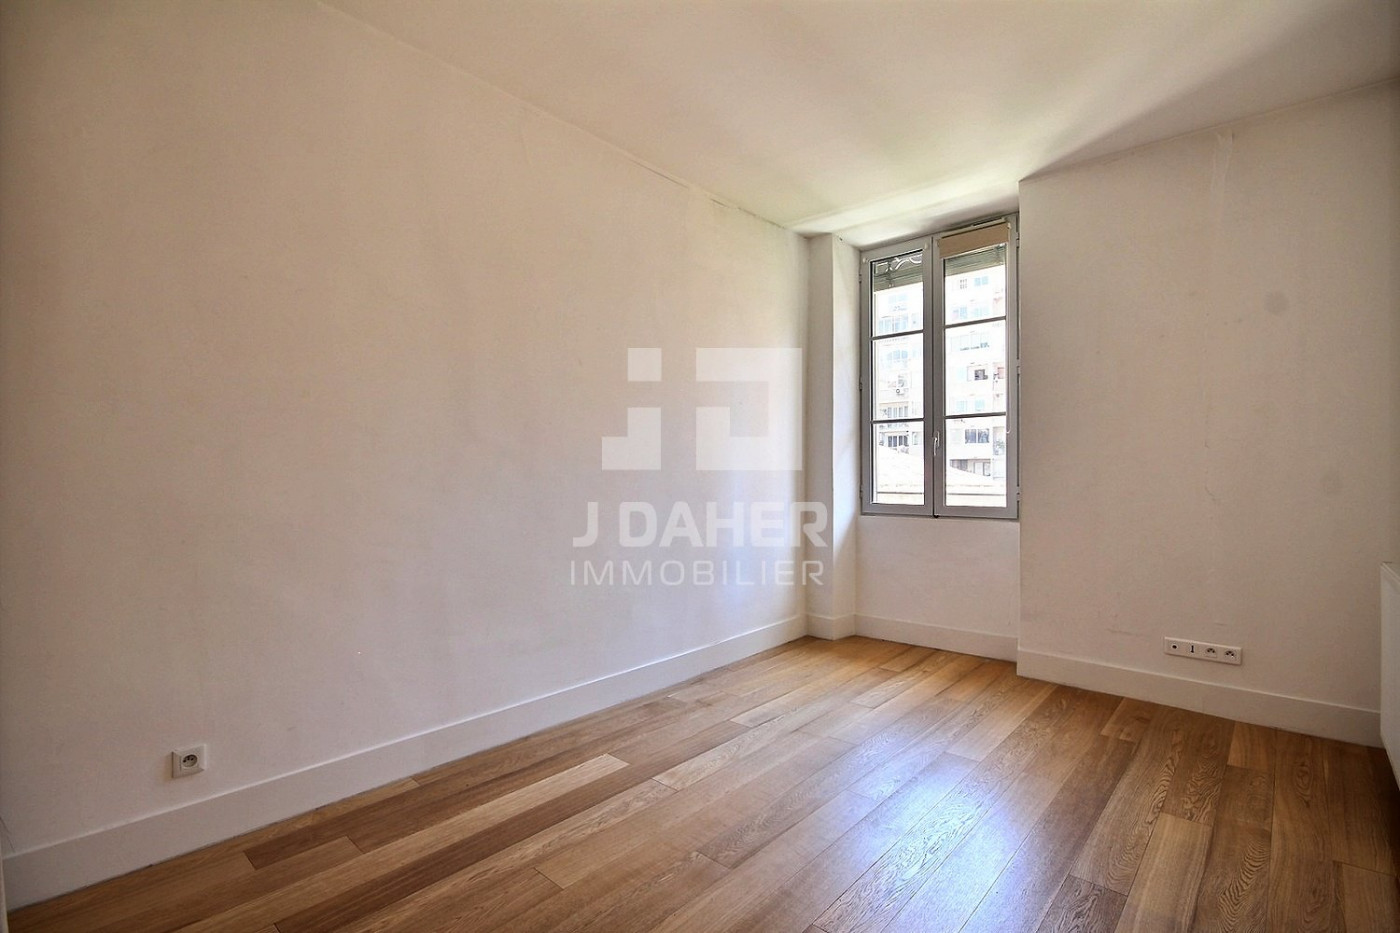 A vendre Marseille 7eme Arrondissement 13025937 J daher immobilier